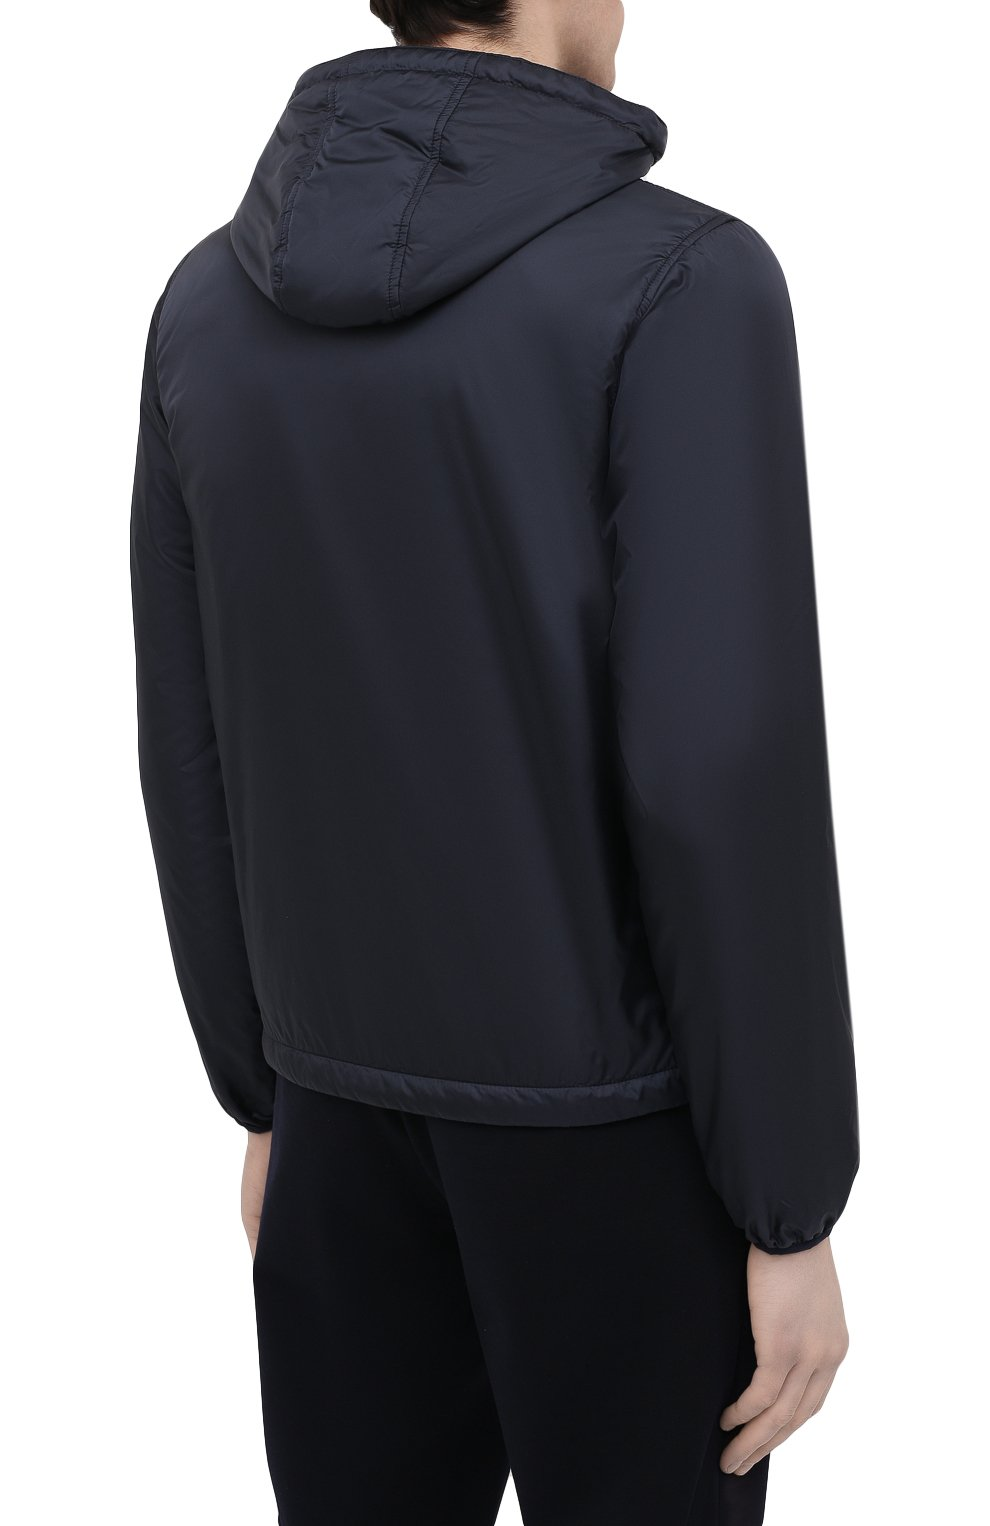 Мужская утепленная куртка ASPESI синего цвета, арт. S1 I I001 7961 | Фото 4 (Кросс-КТ: Куртка; Рукава: Длинные; Материал внешний: Синтетический материал; Мужское Кросс-КТ: утепленные куртки; Материал подклада: Синтетический материал; Длина (верхняя одежда): Короткие; Стили: Кэжуэл)